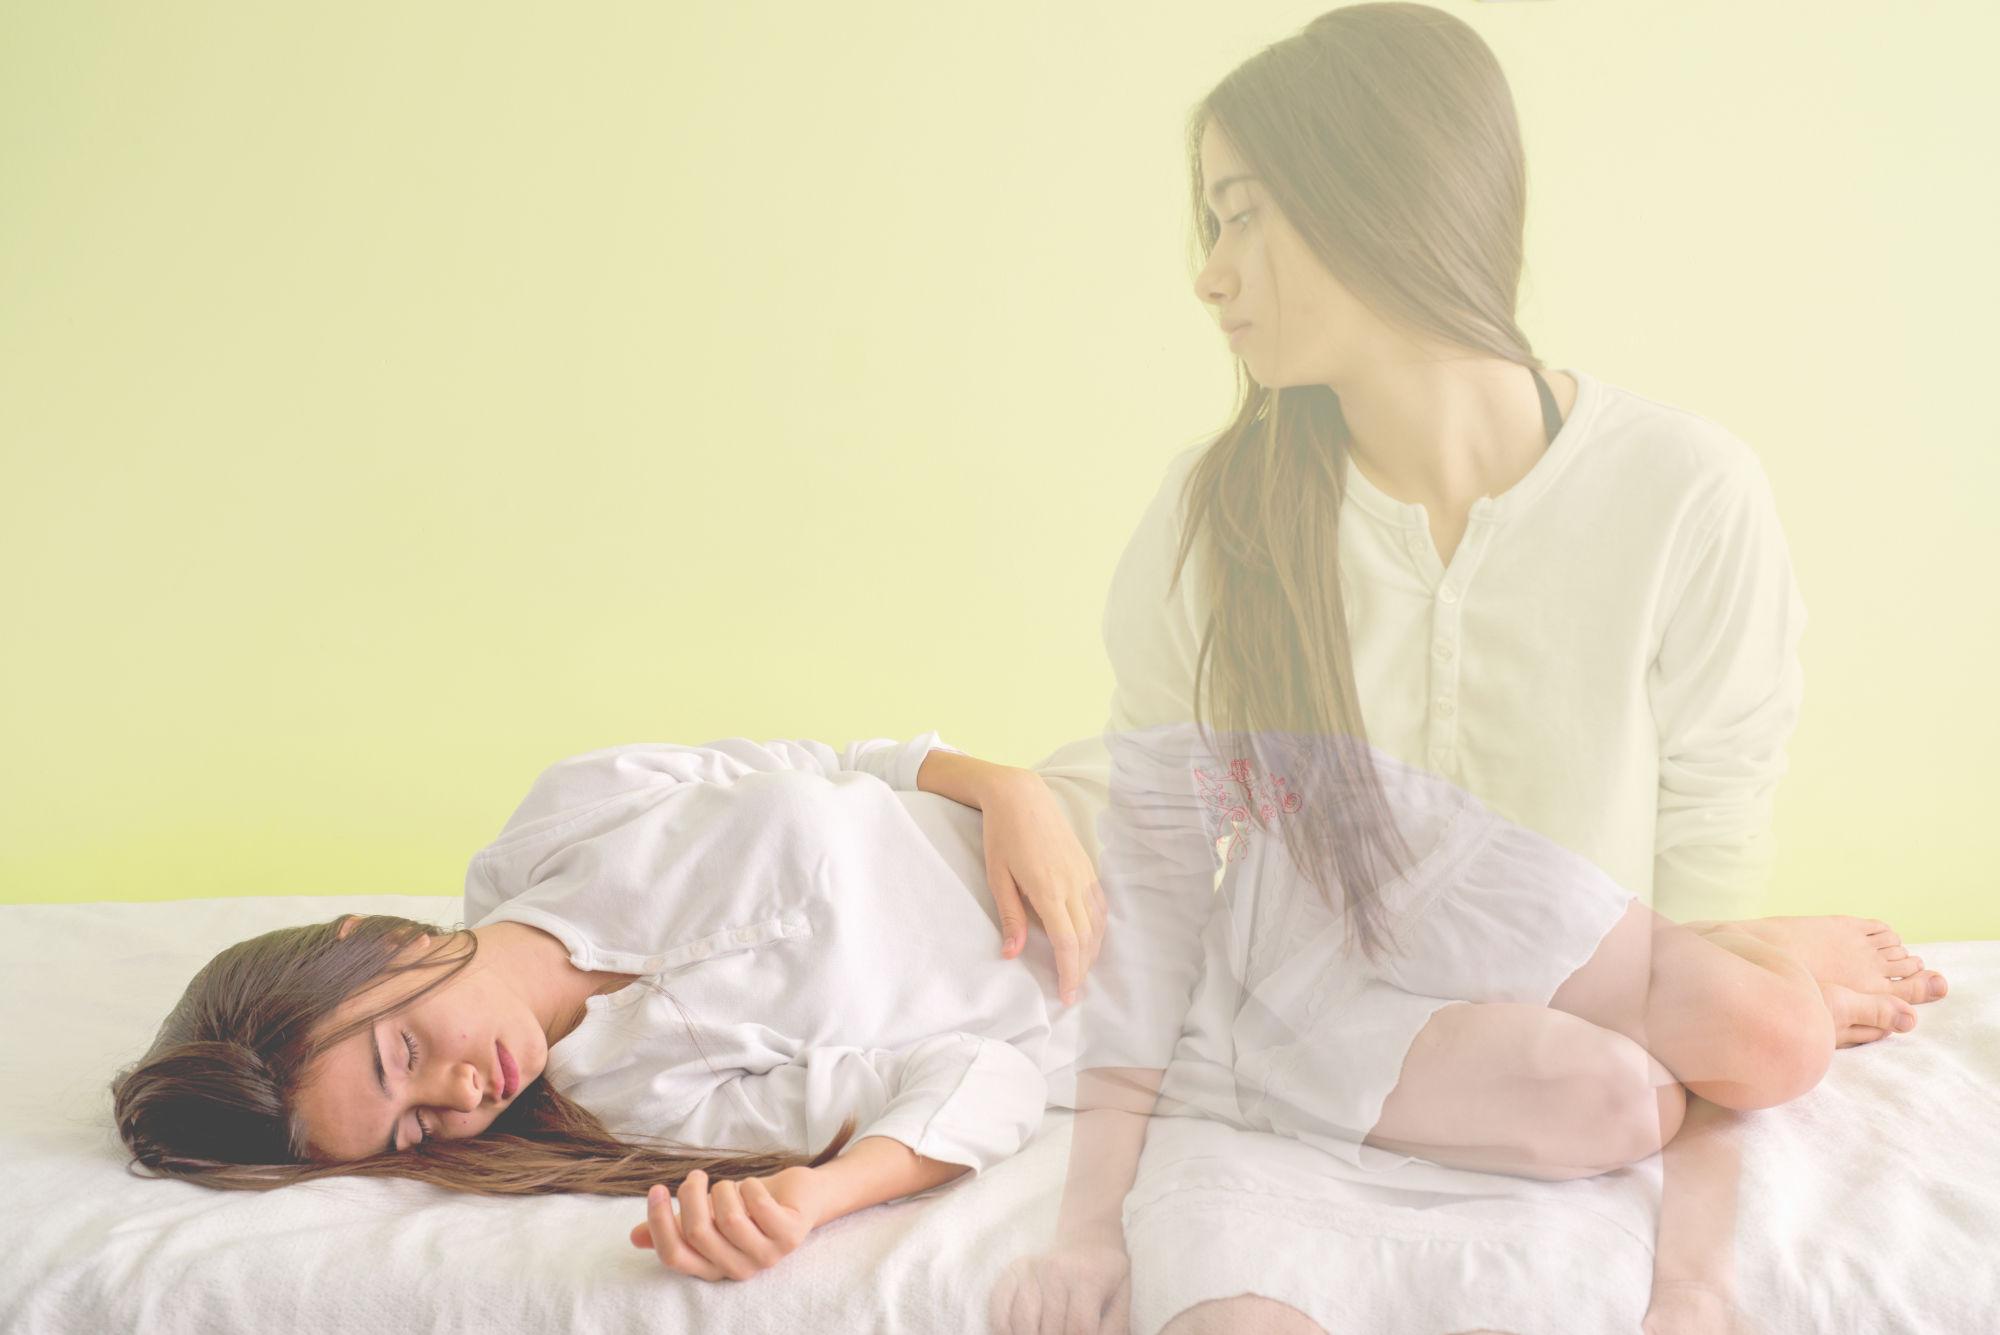 viaje astral otra chica en otra cama